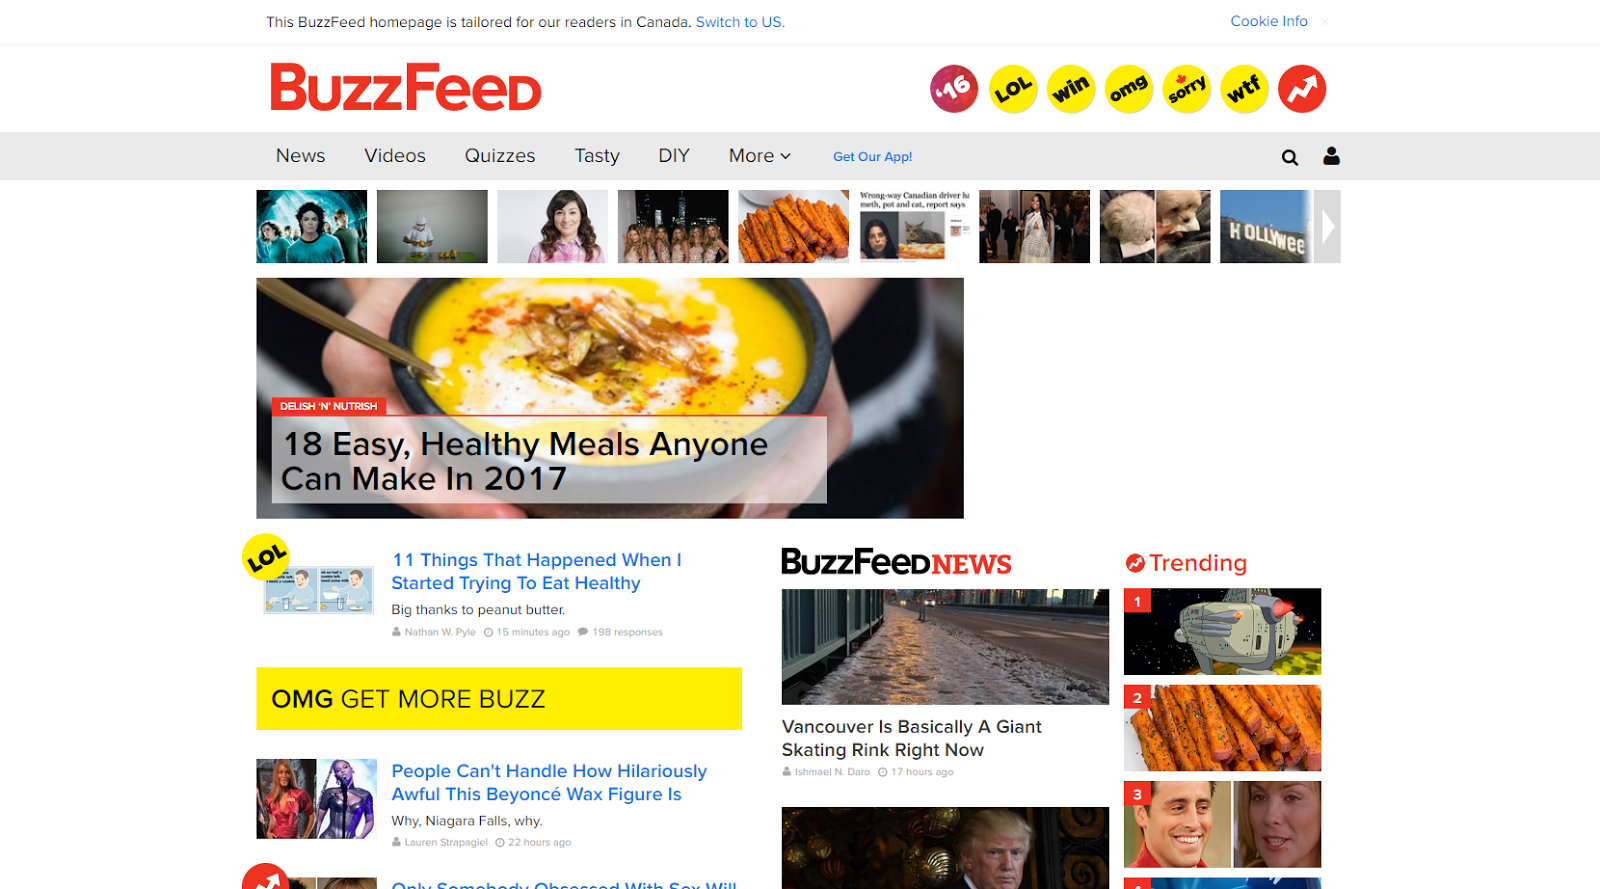 toptal: Buzzfeed